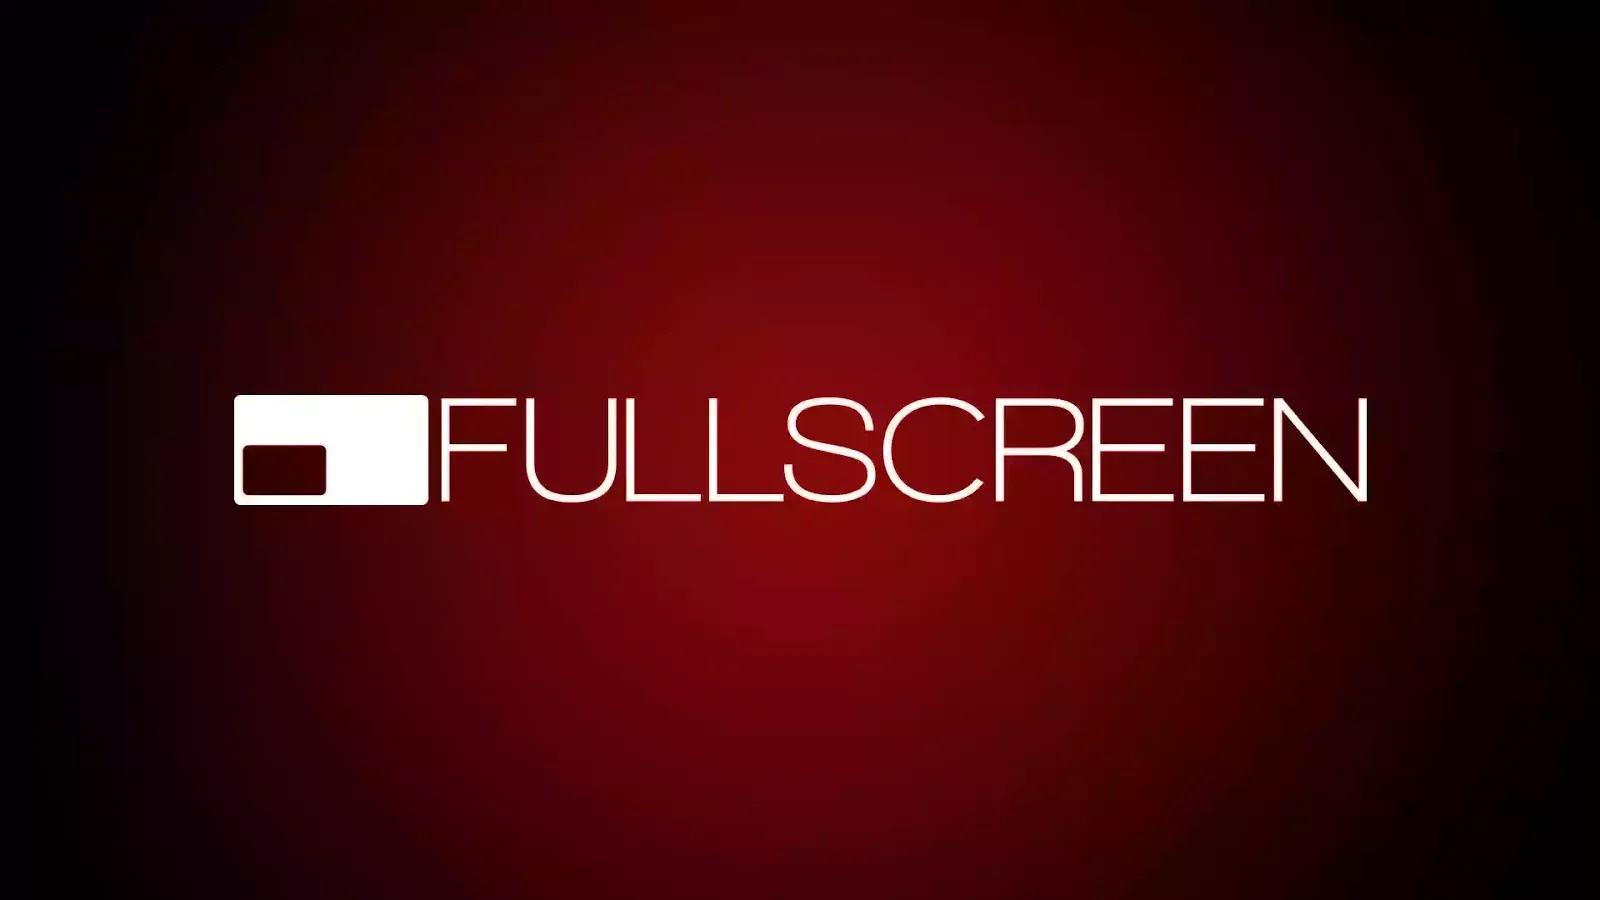 يوتيوب Windowed FullScreen هو امتداد لمتصفح  Firefox .Chrome الذي يقوم بتشغيل مقاطع الفيديو بملء الشاشة في وضع النافذة